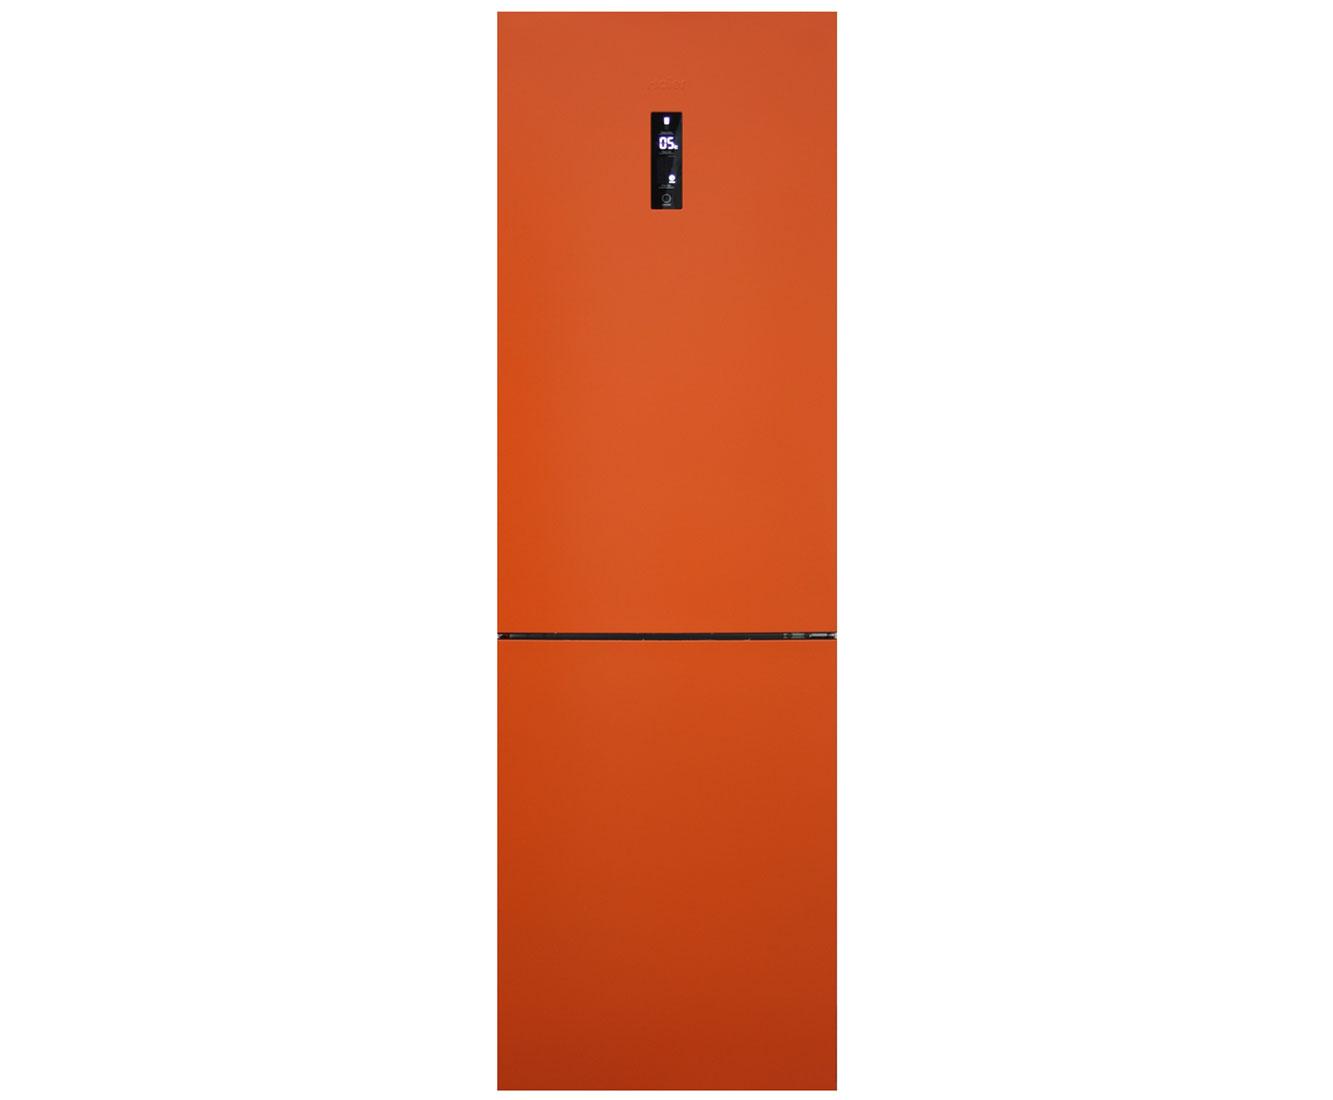 Haier C2FE636COJ Free Standing Fridge Freezer Frost Free in Orange